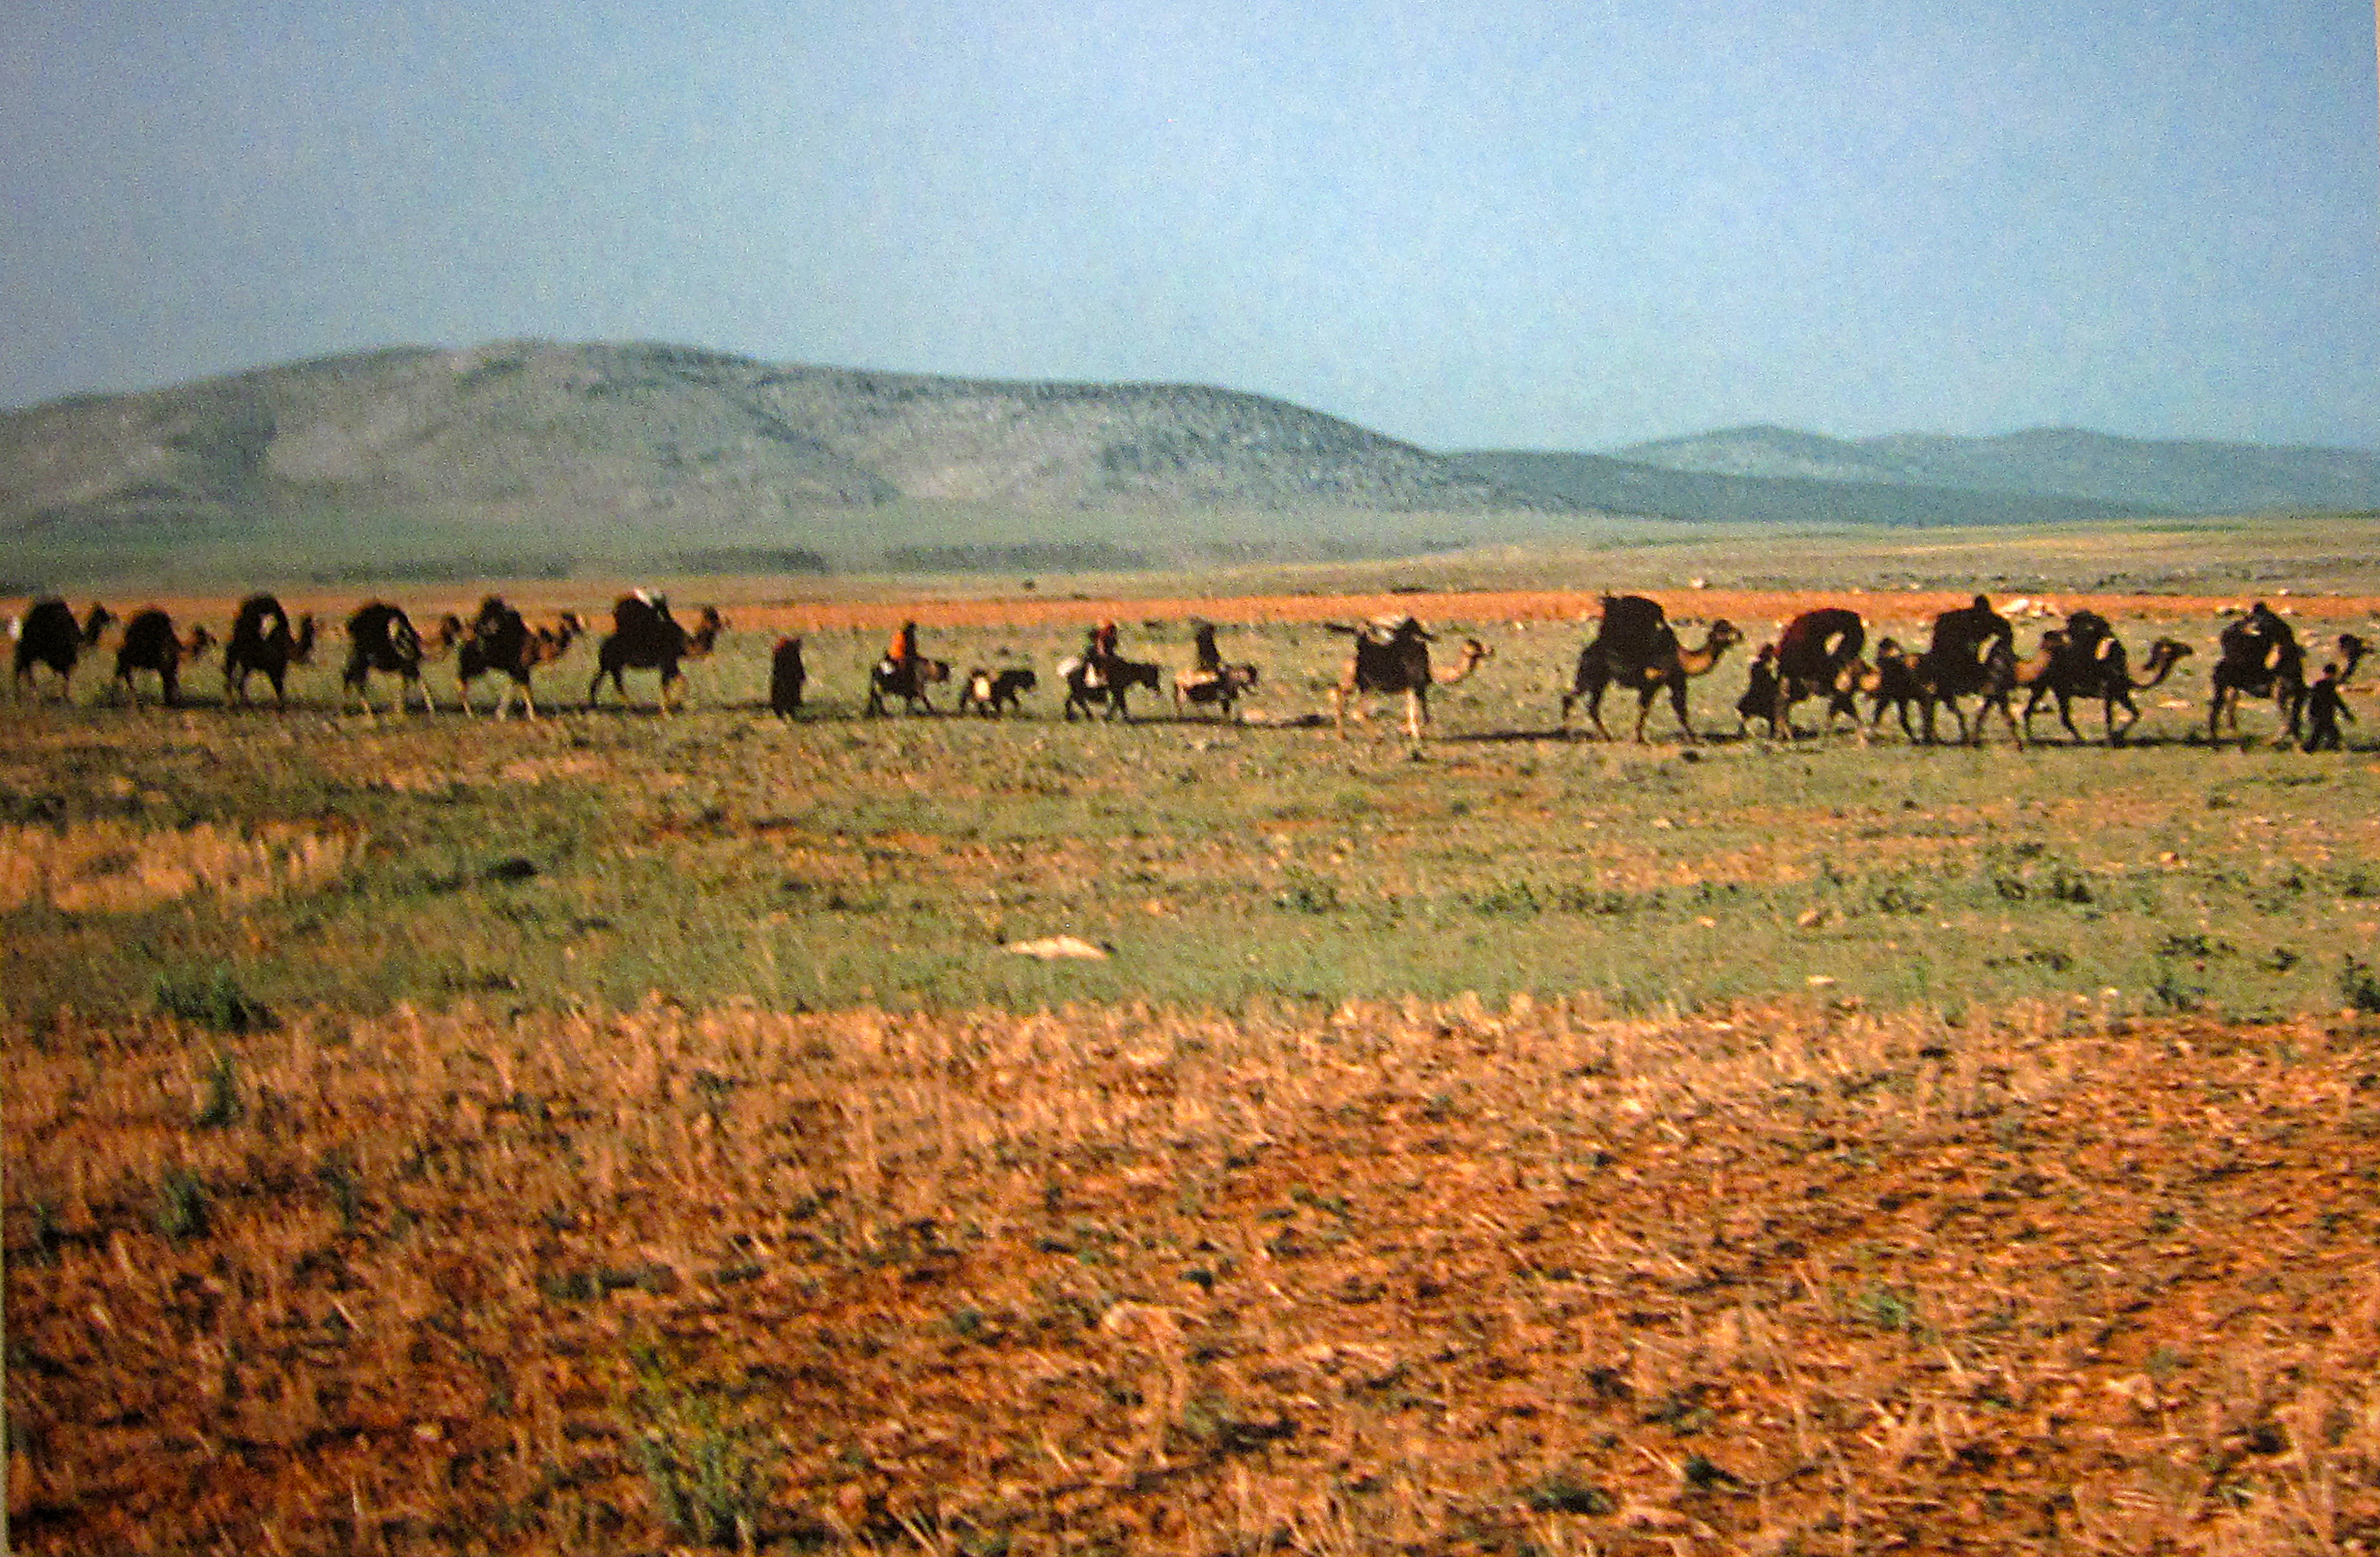 Nomad Migration